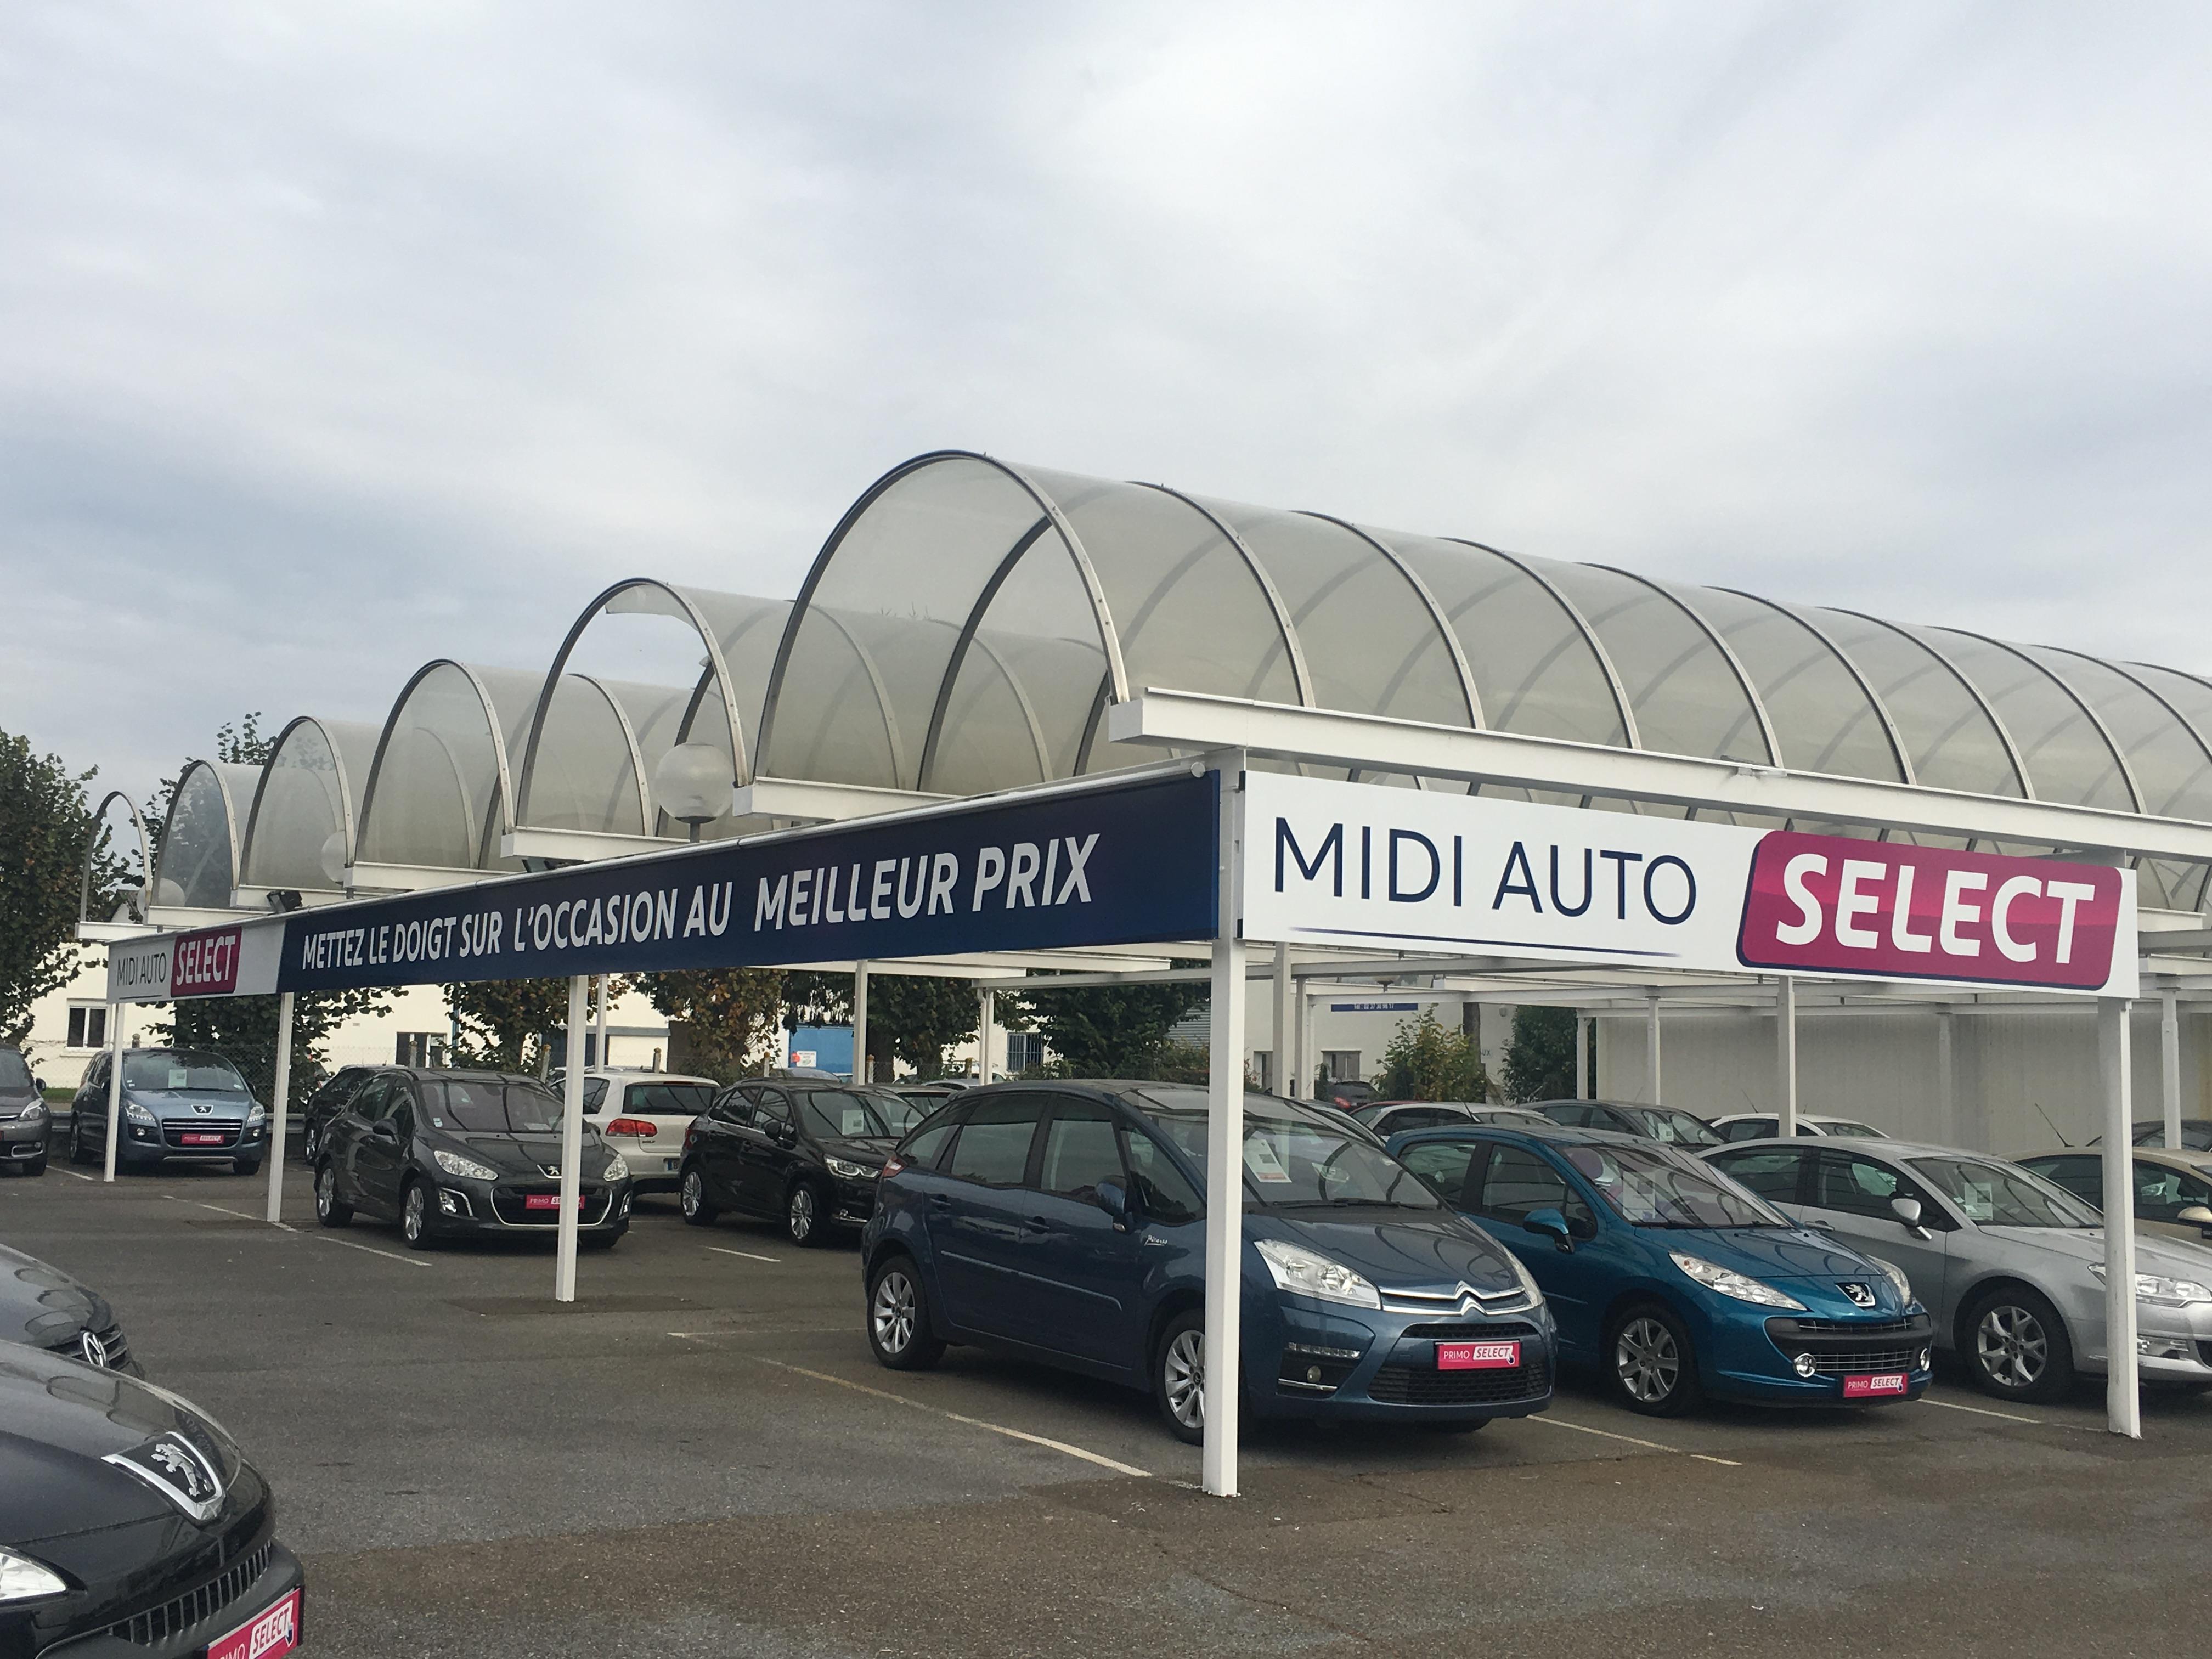 Midi Auto Select Voiture Occasion Luce Vente Auto Luce